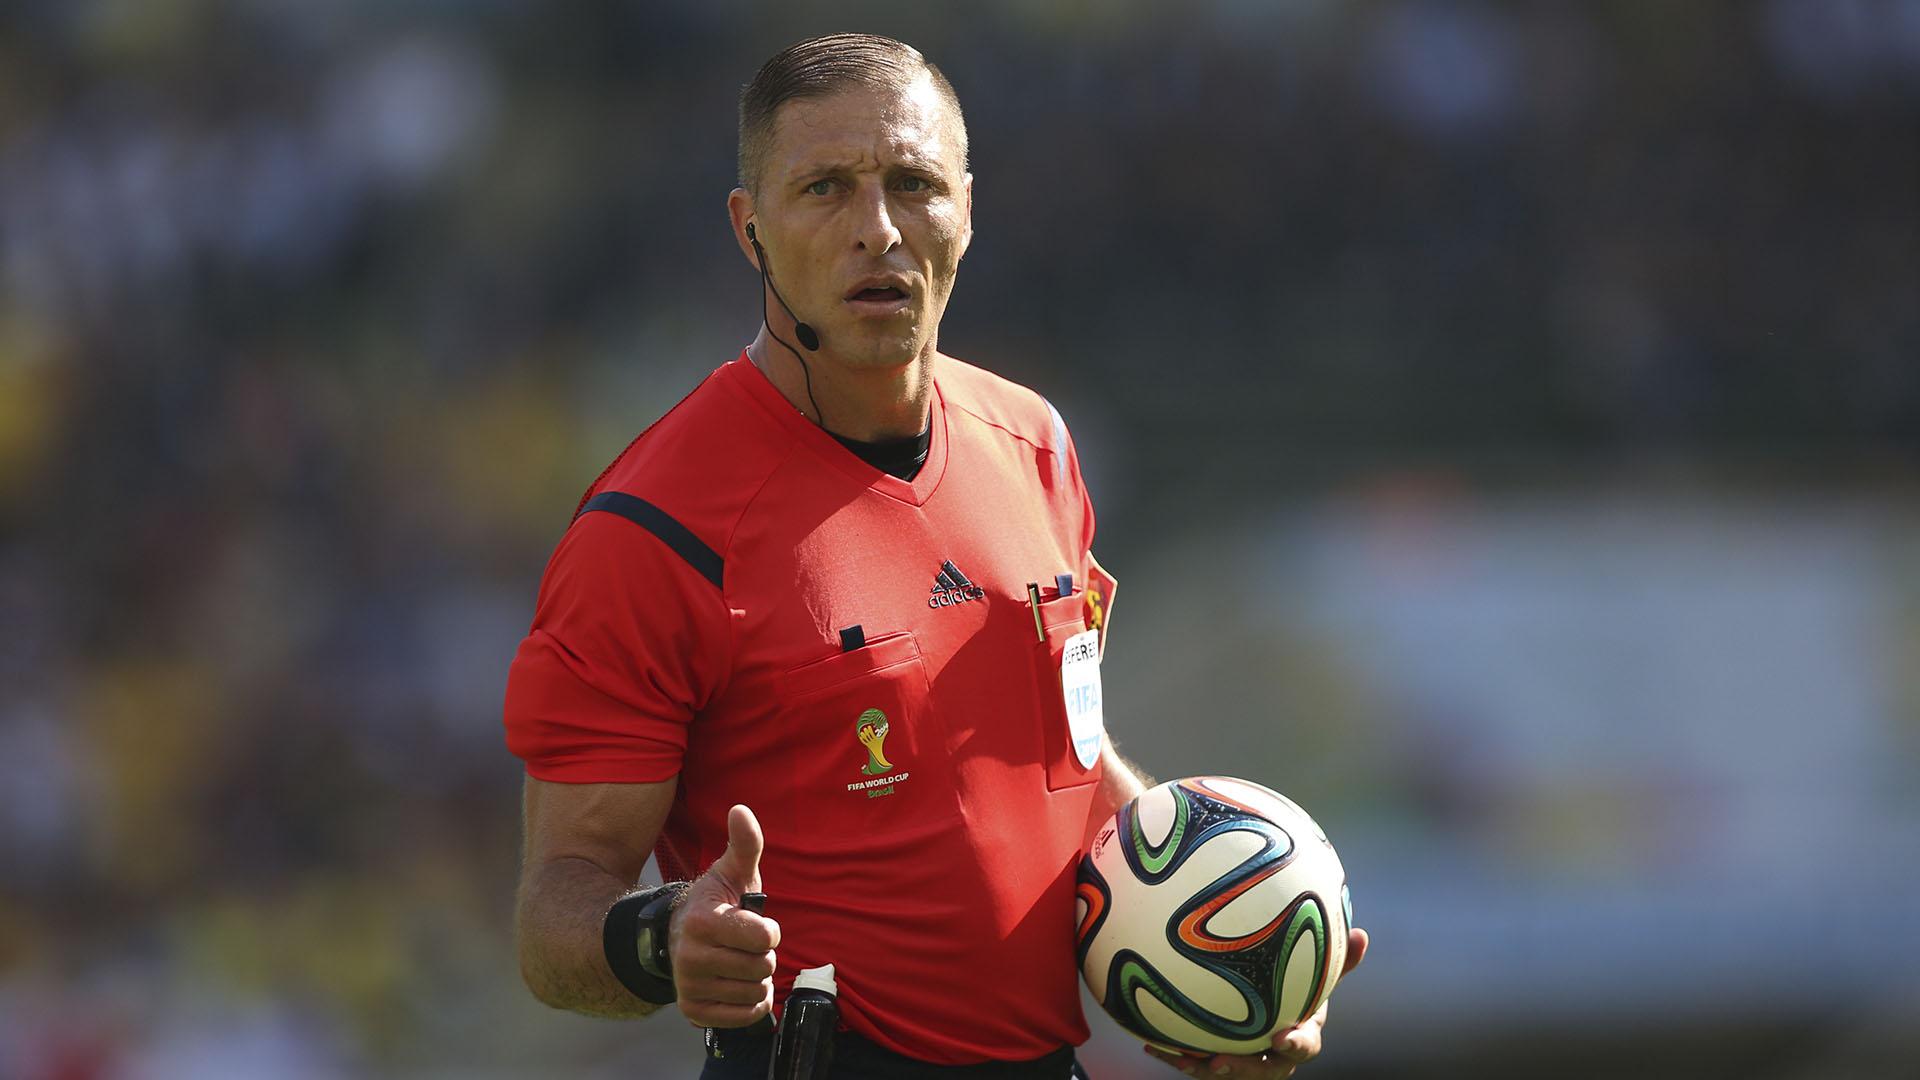 El argentino Néstor Pitana será el árbitro del partido inaugural del Mundial de Rusia 2018 (Getty)